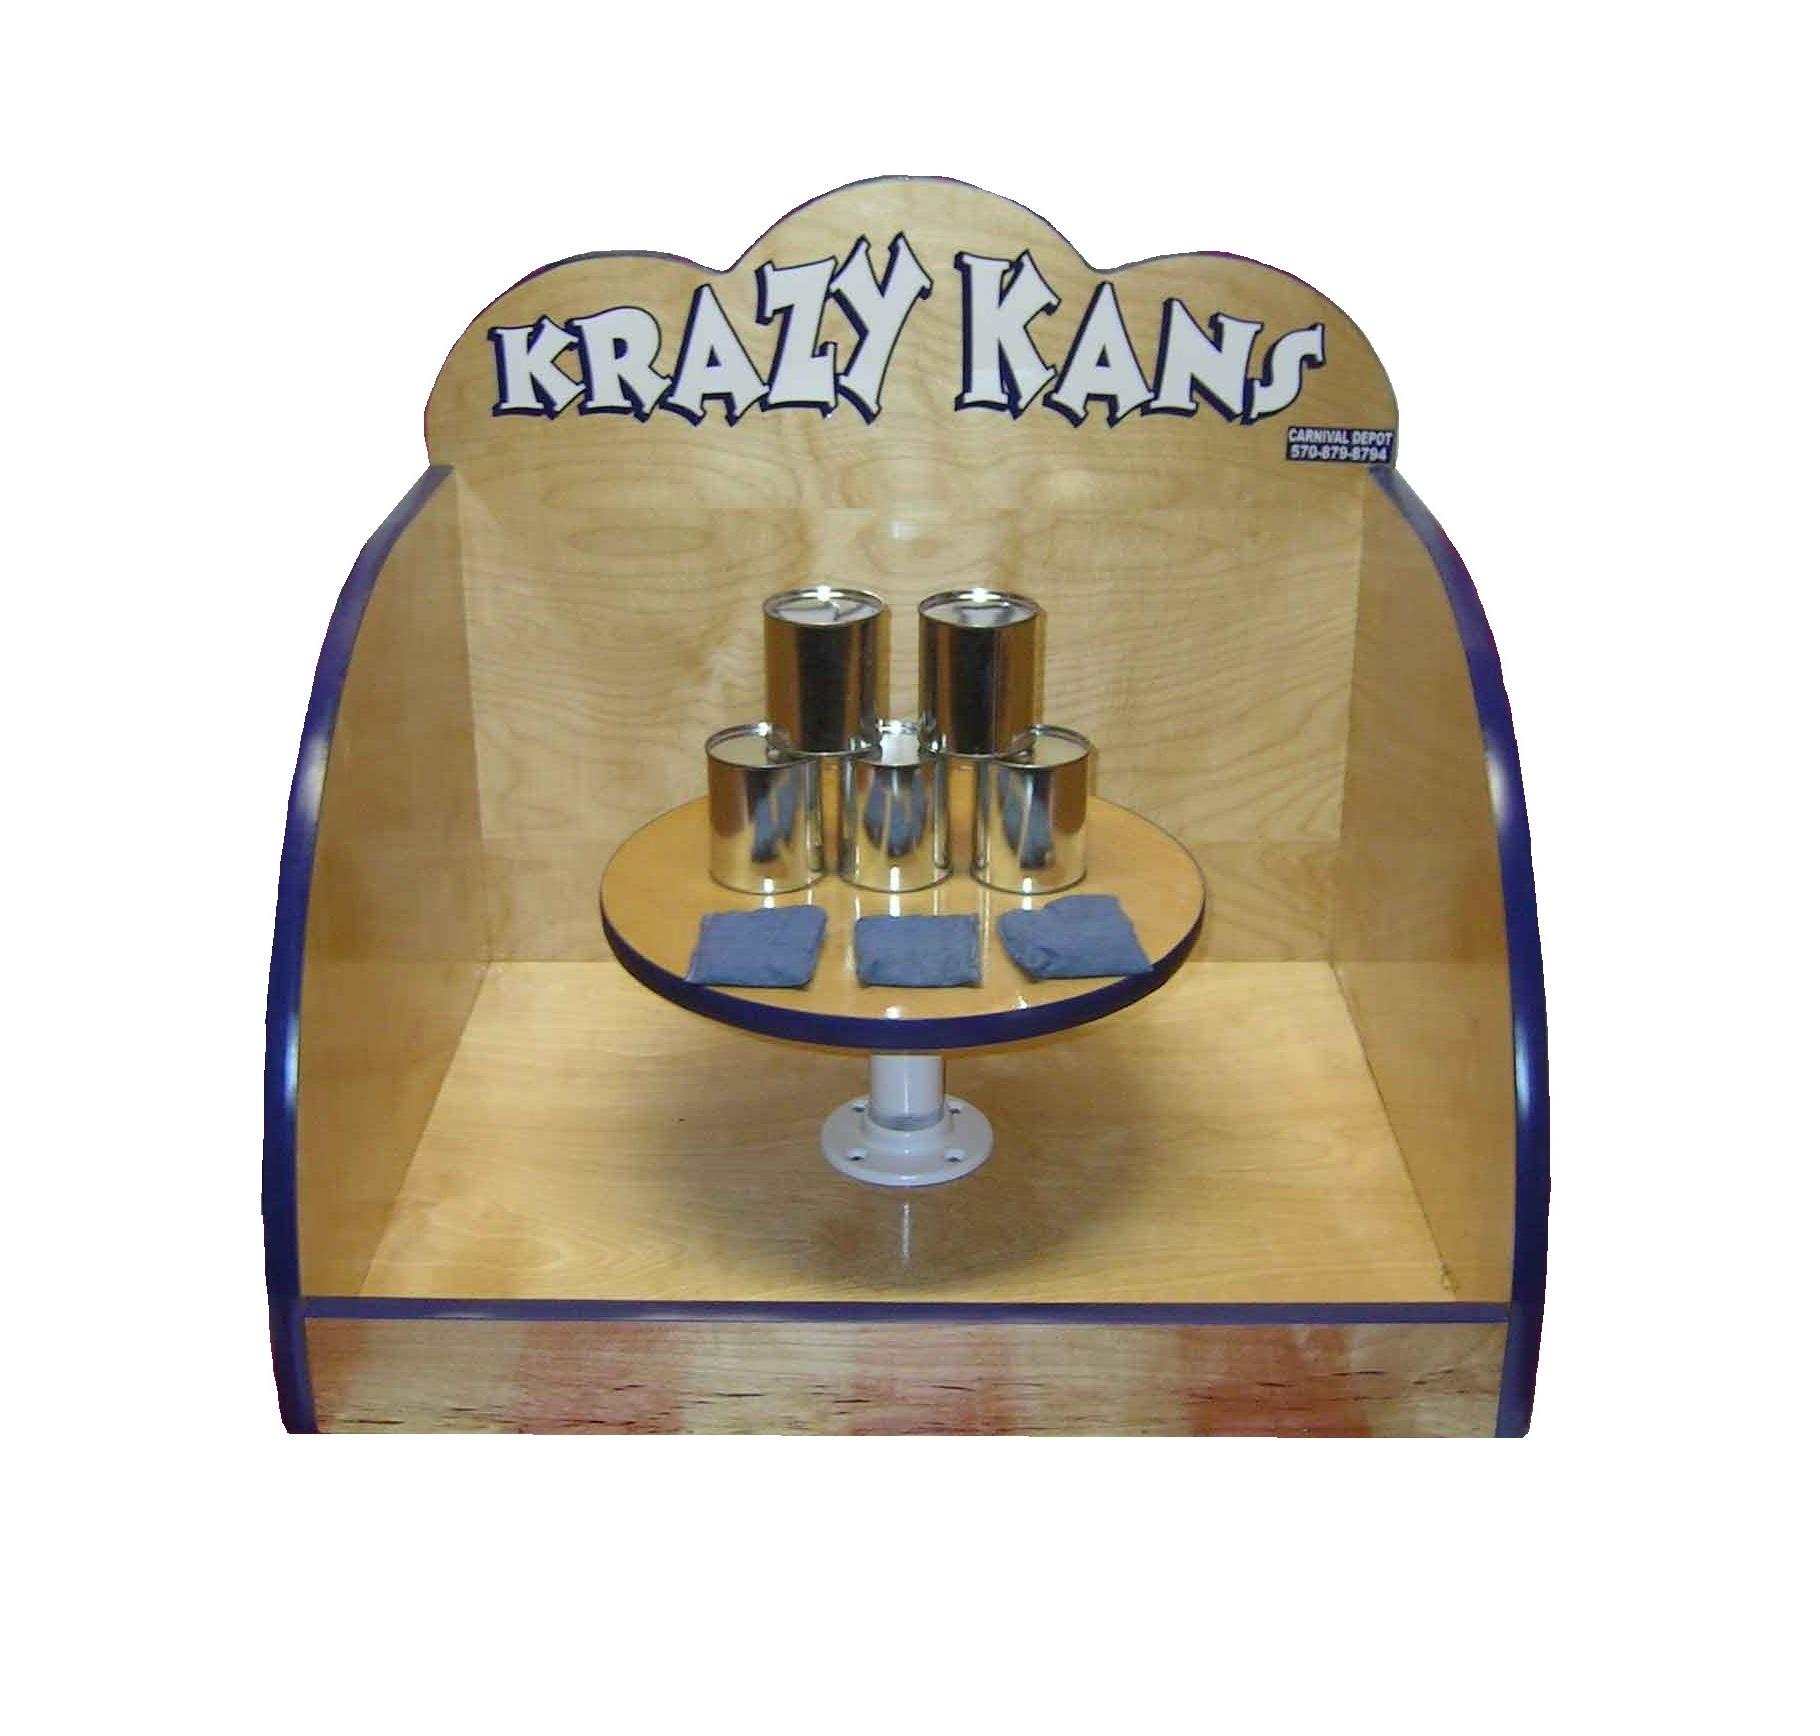 Wooden Krazy Kans Carnival Game